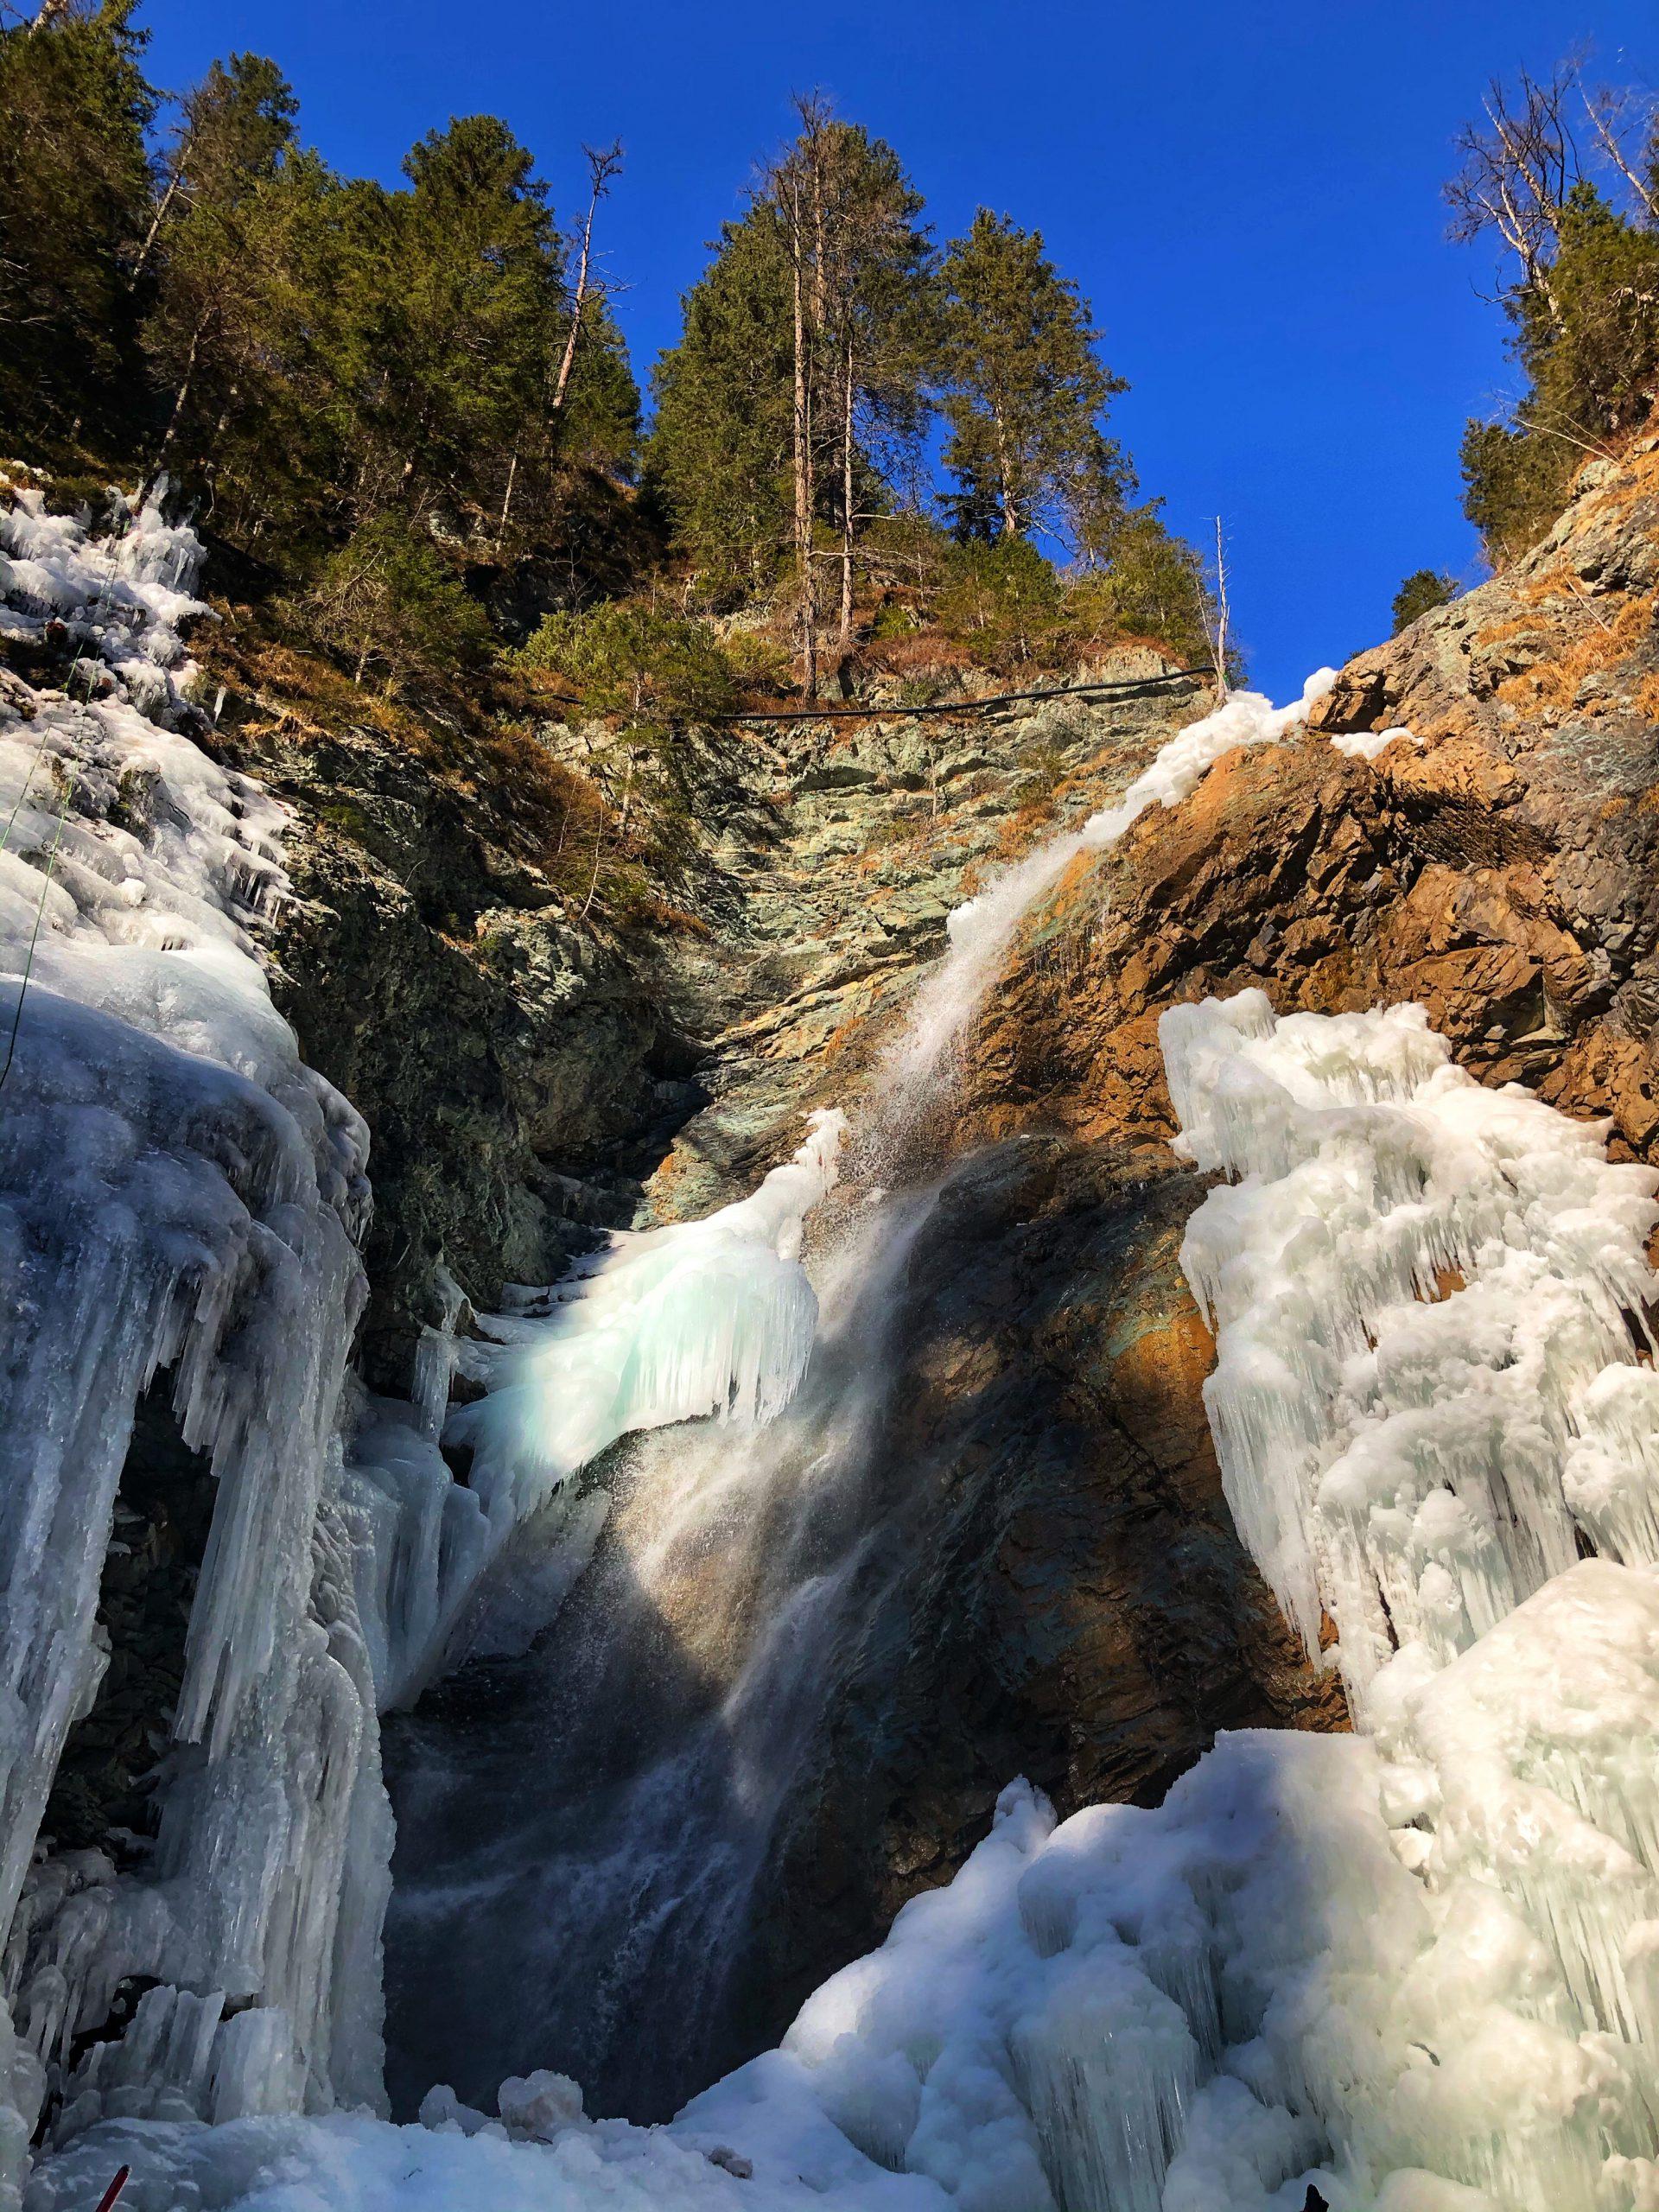 sappada arrampicata sul ghiaccio